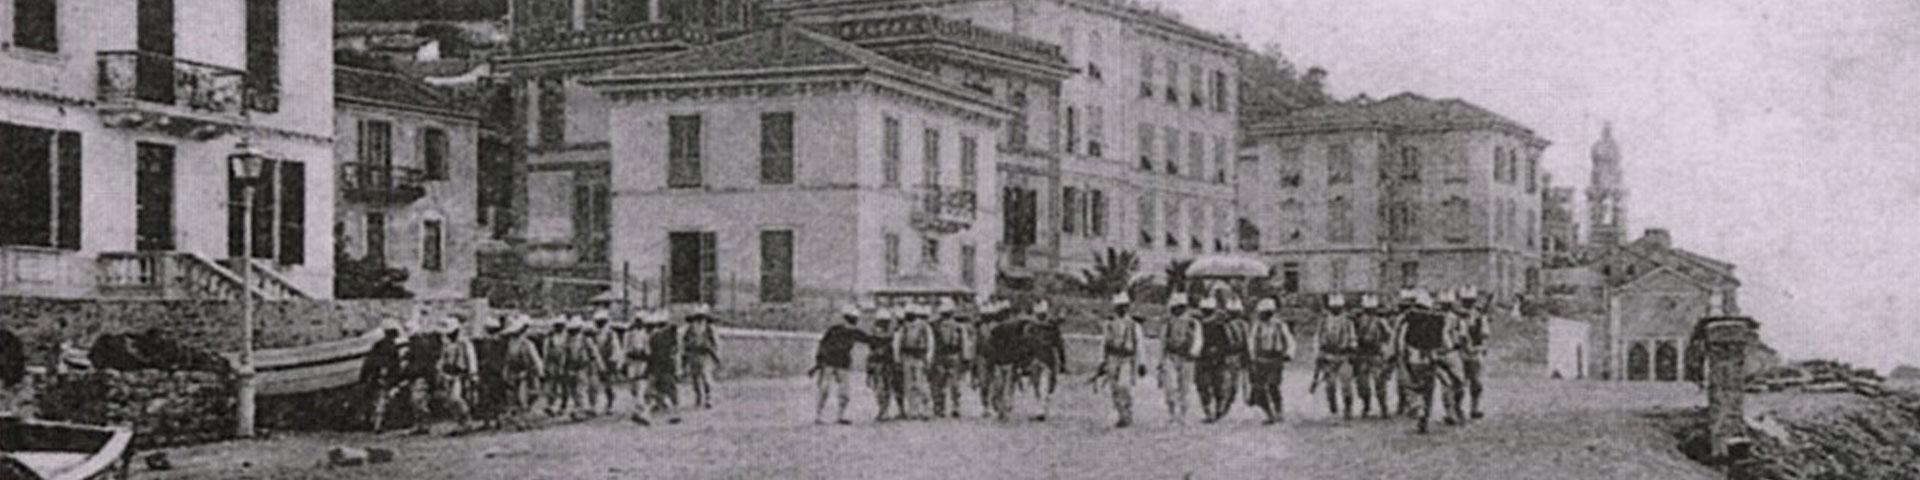 Oneglia-Borgo-Peri-1900